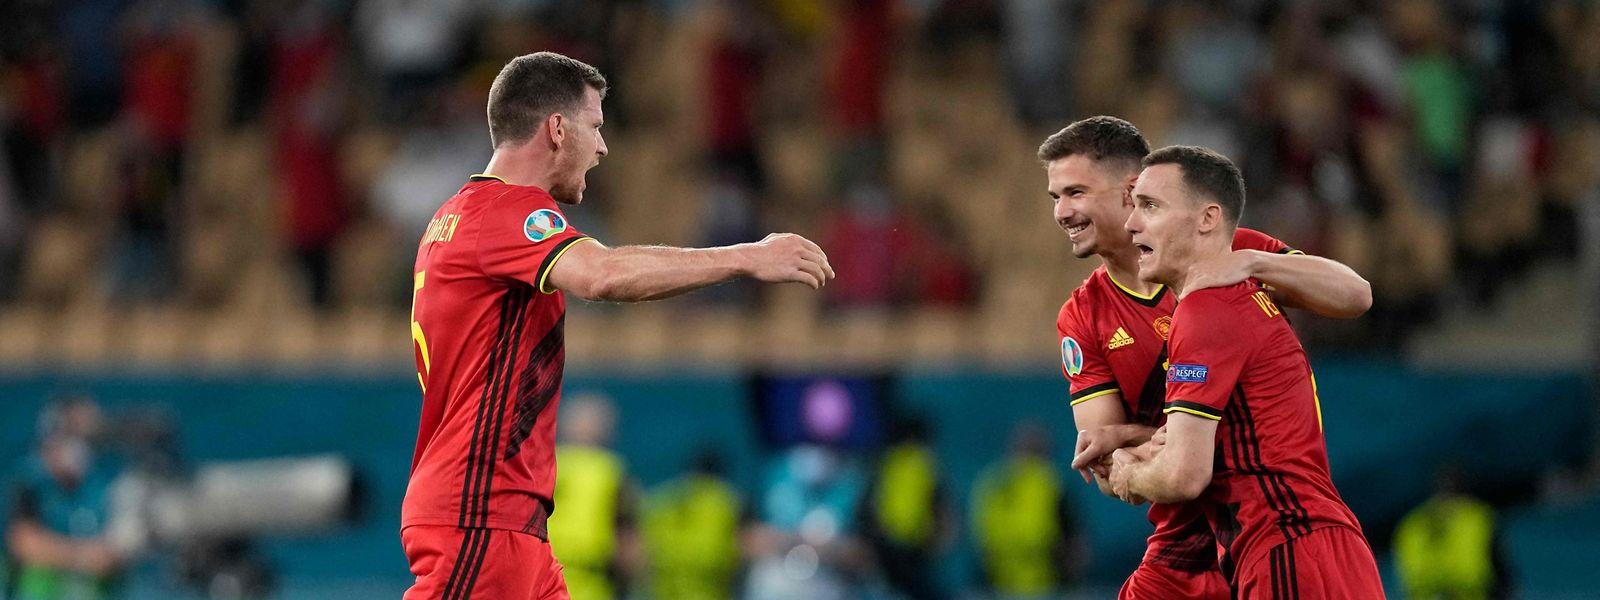 Privée de Kevin De Bruyne et Eden Hazard, blessés, l'équipe nationale belge affrontera l'Italie vendredi prochain à Munich.